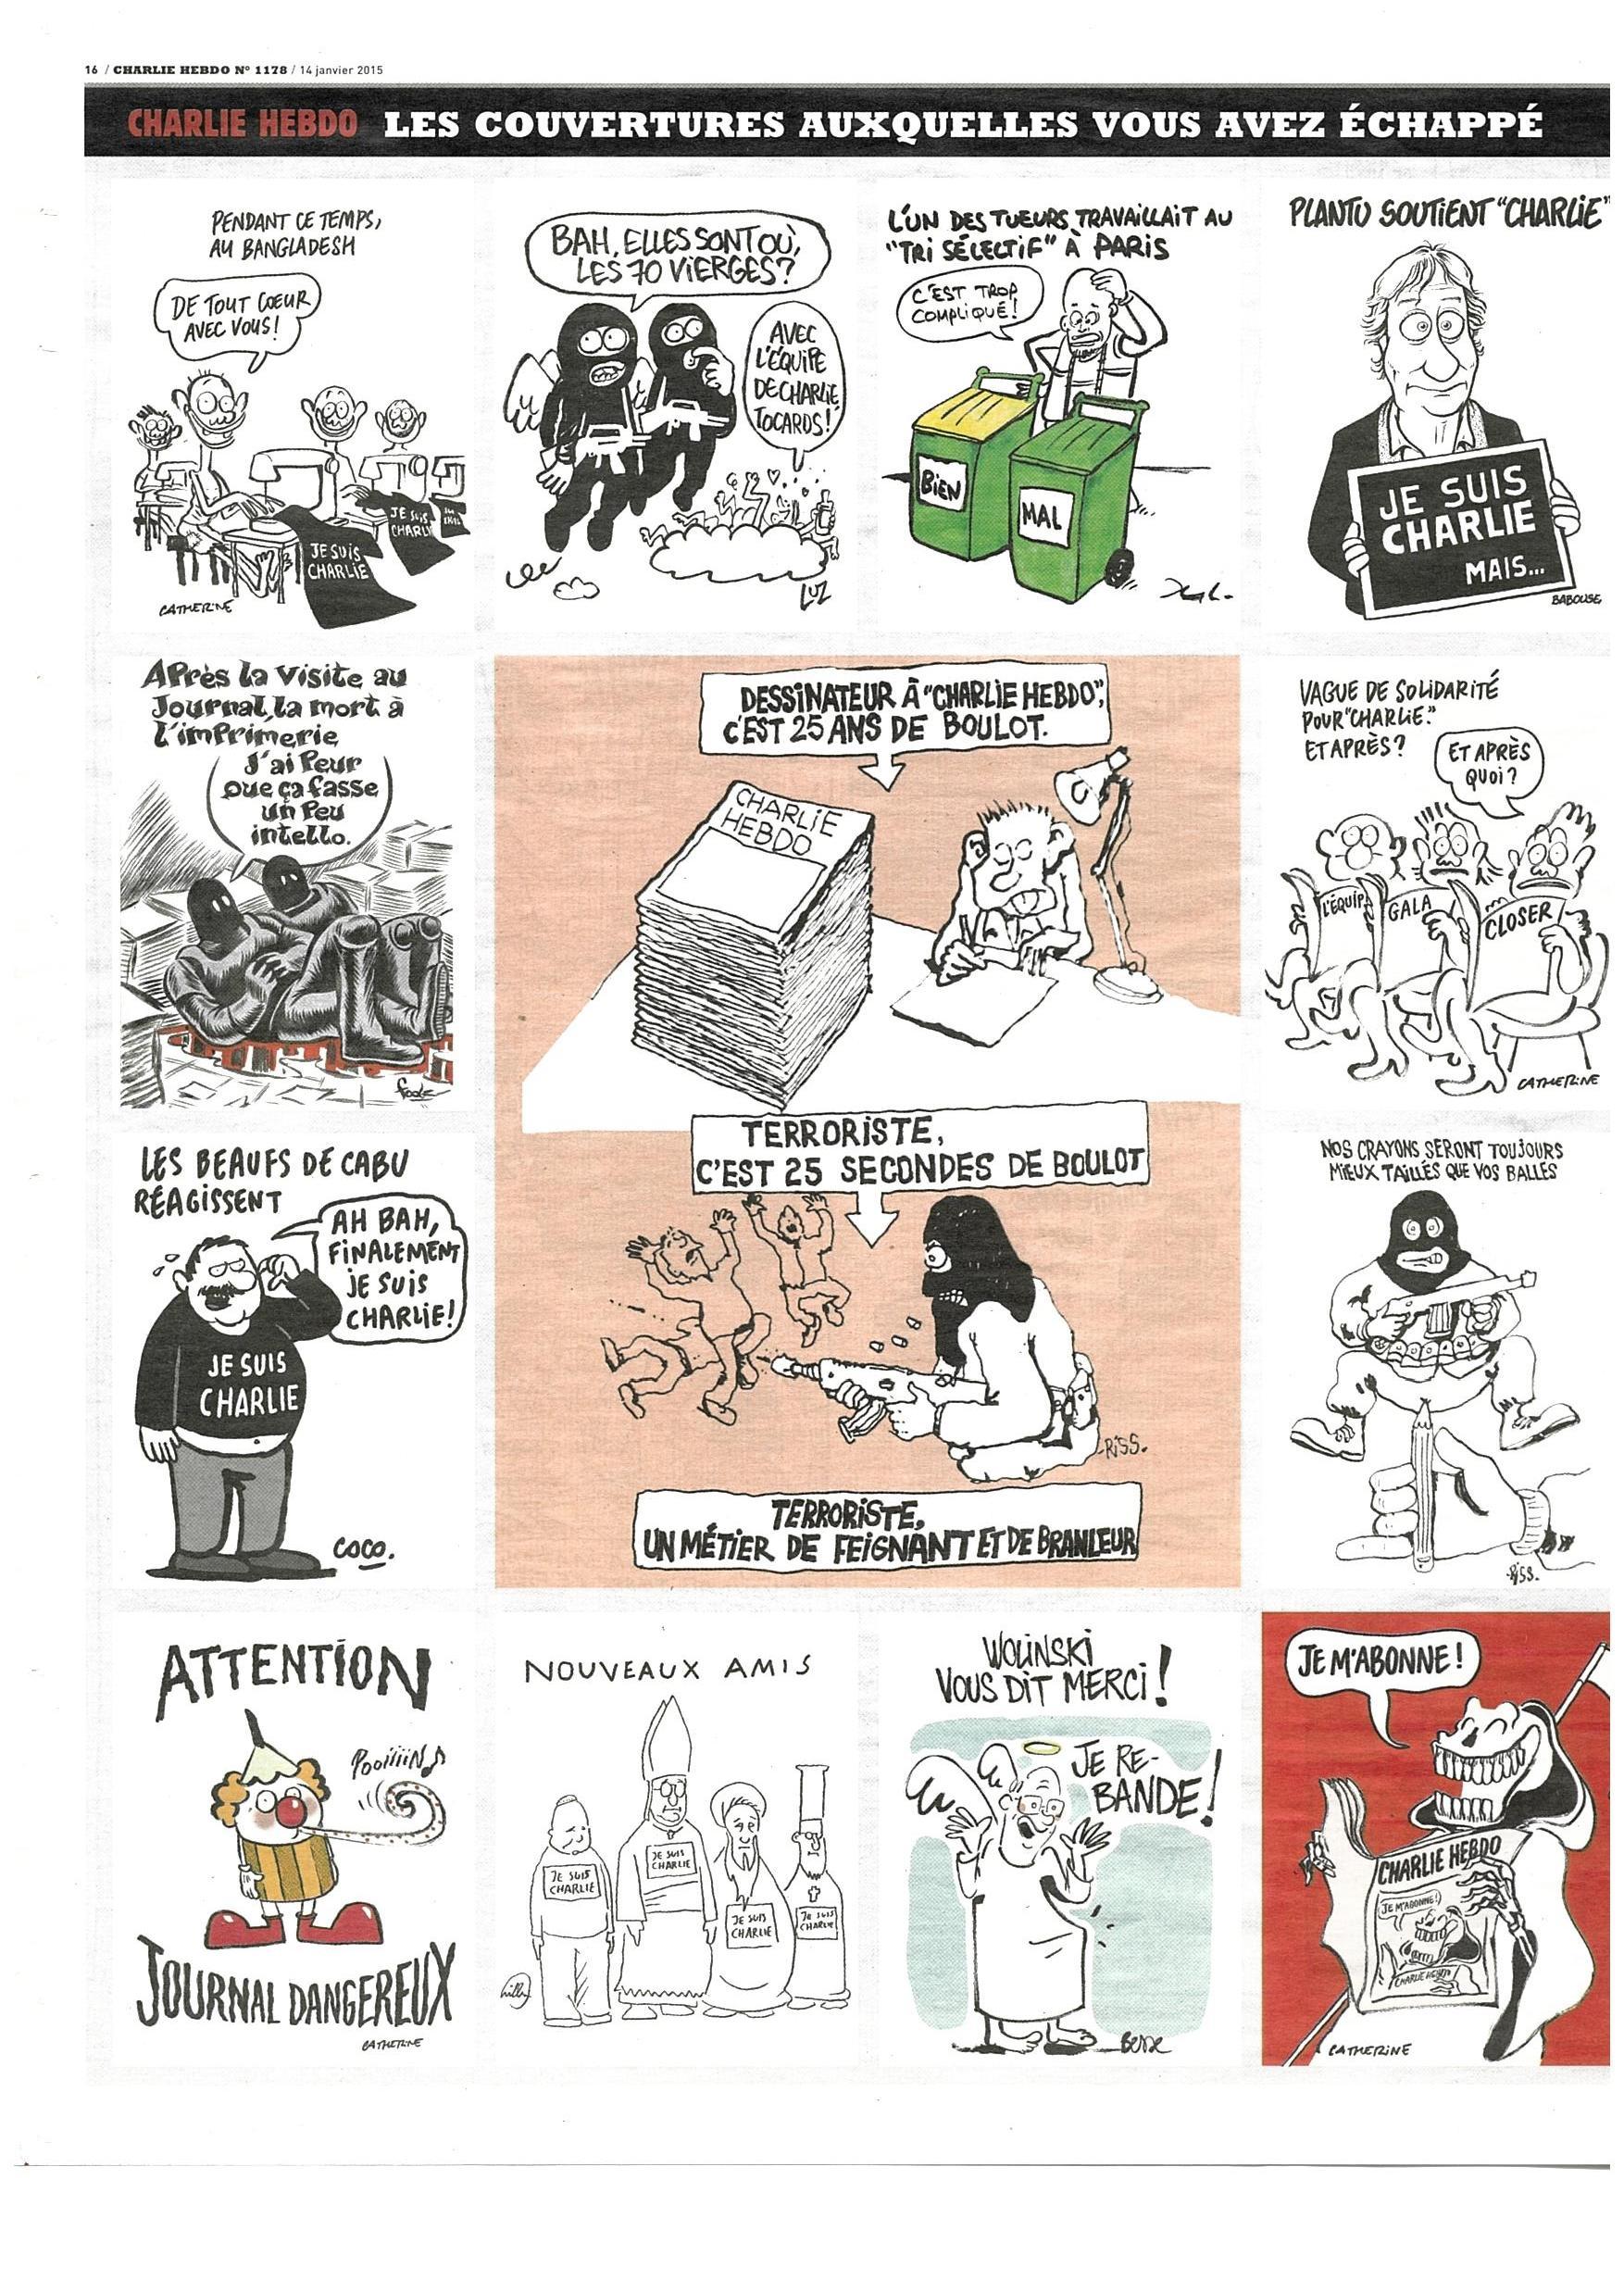 Charlie Hebdo #1178-page-016